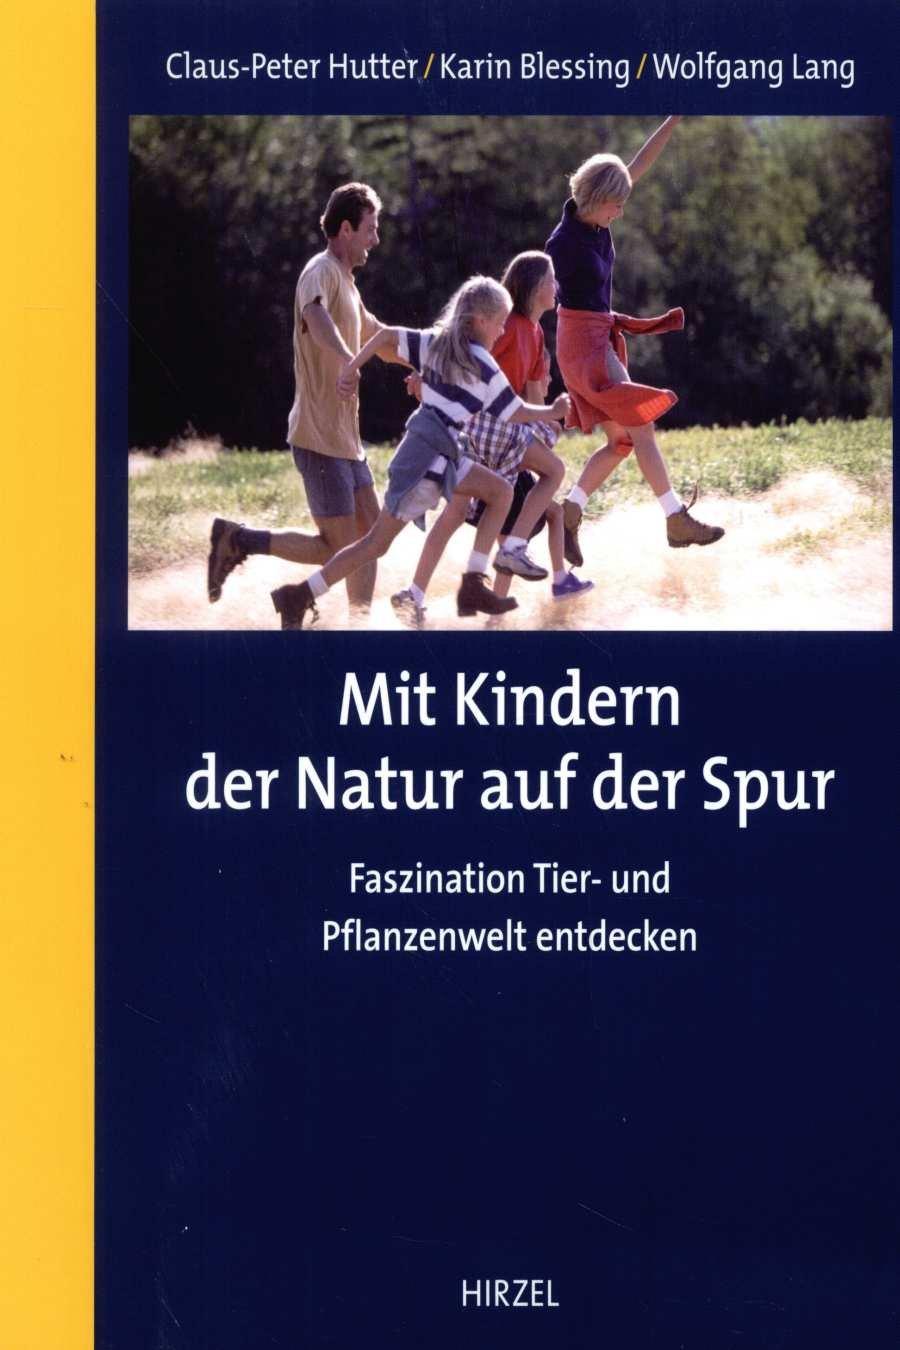 Zirkus spielen - Shop - Mediengruppe Deutscher Apotheker Verlag